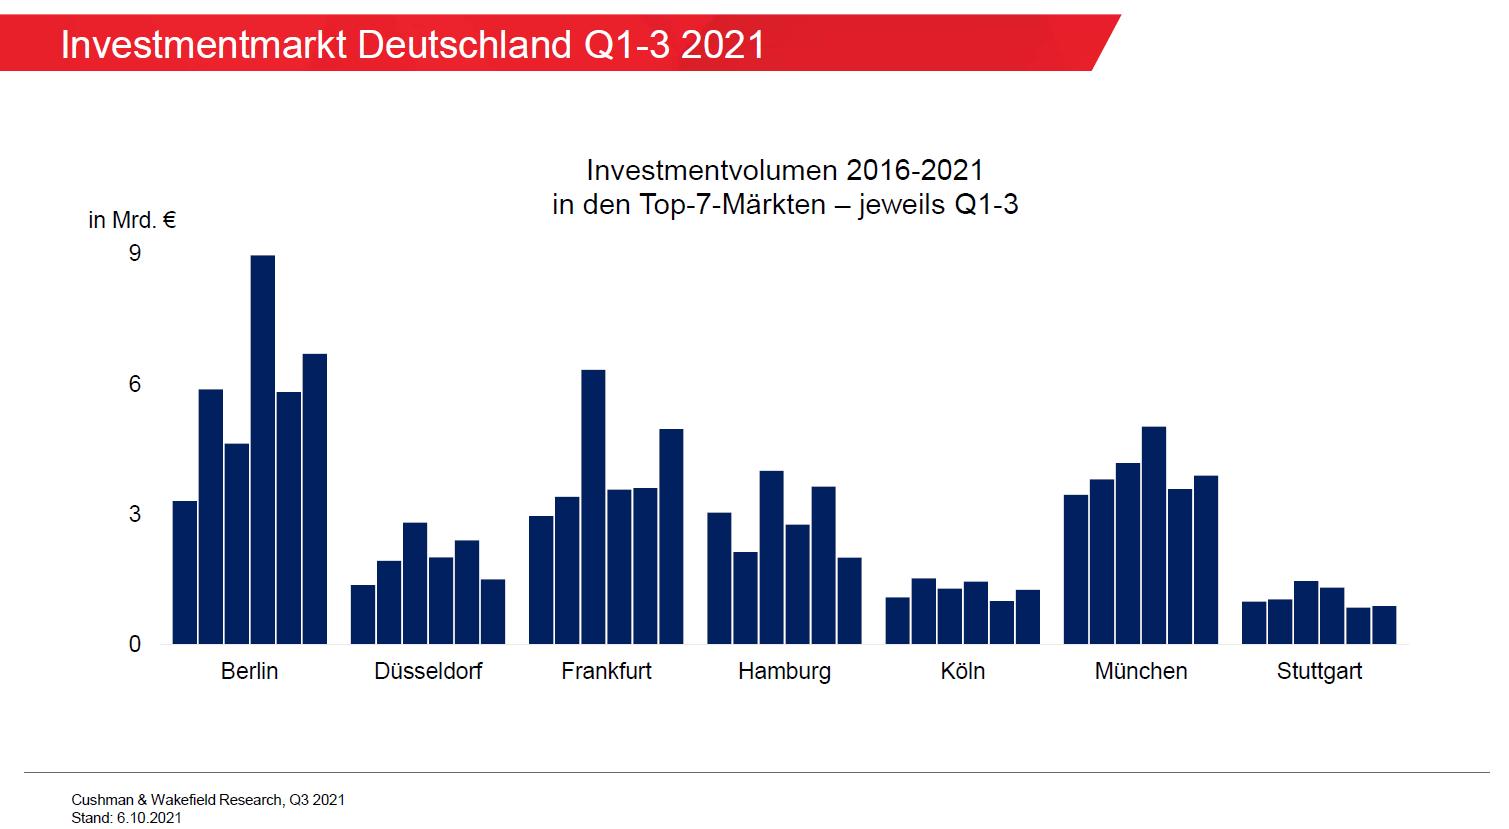 Investmentvolumen Top 7 Deutschland Q3 2021